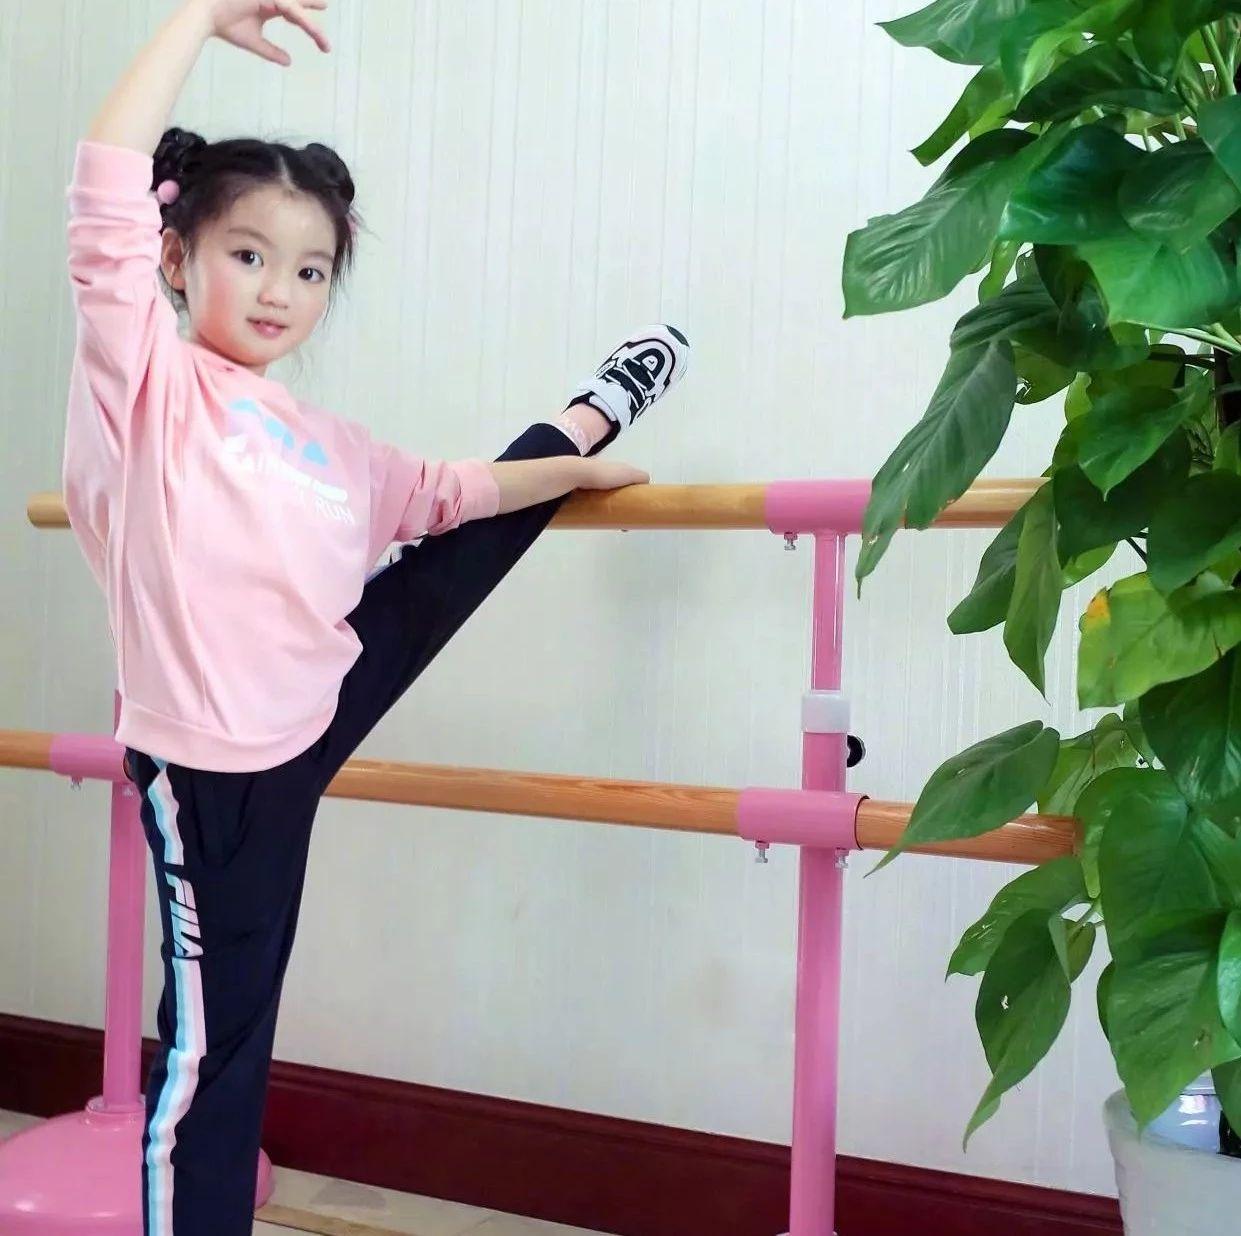 阿拉蕾扎哪吒头变运动少女,粉卫衣乖巧可爱,抬腿拉筋秀舞蹈功底